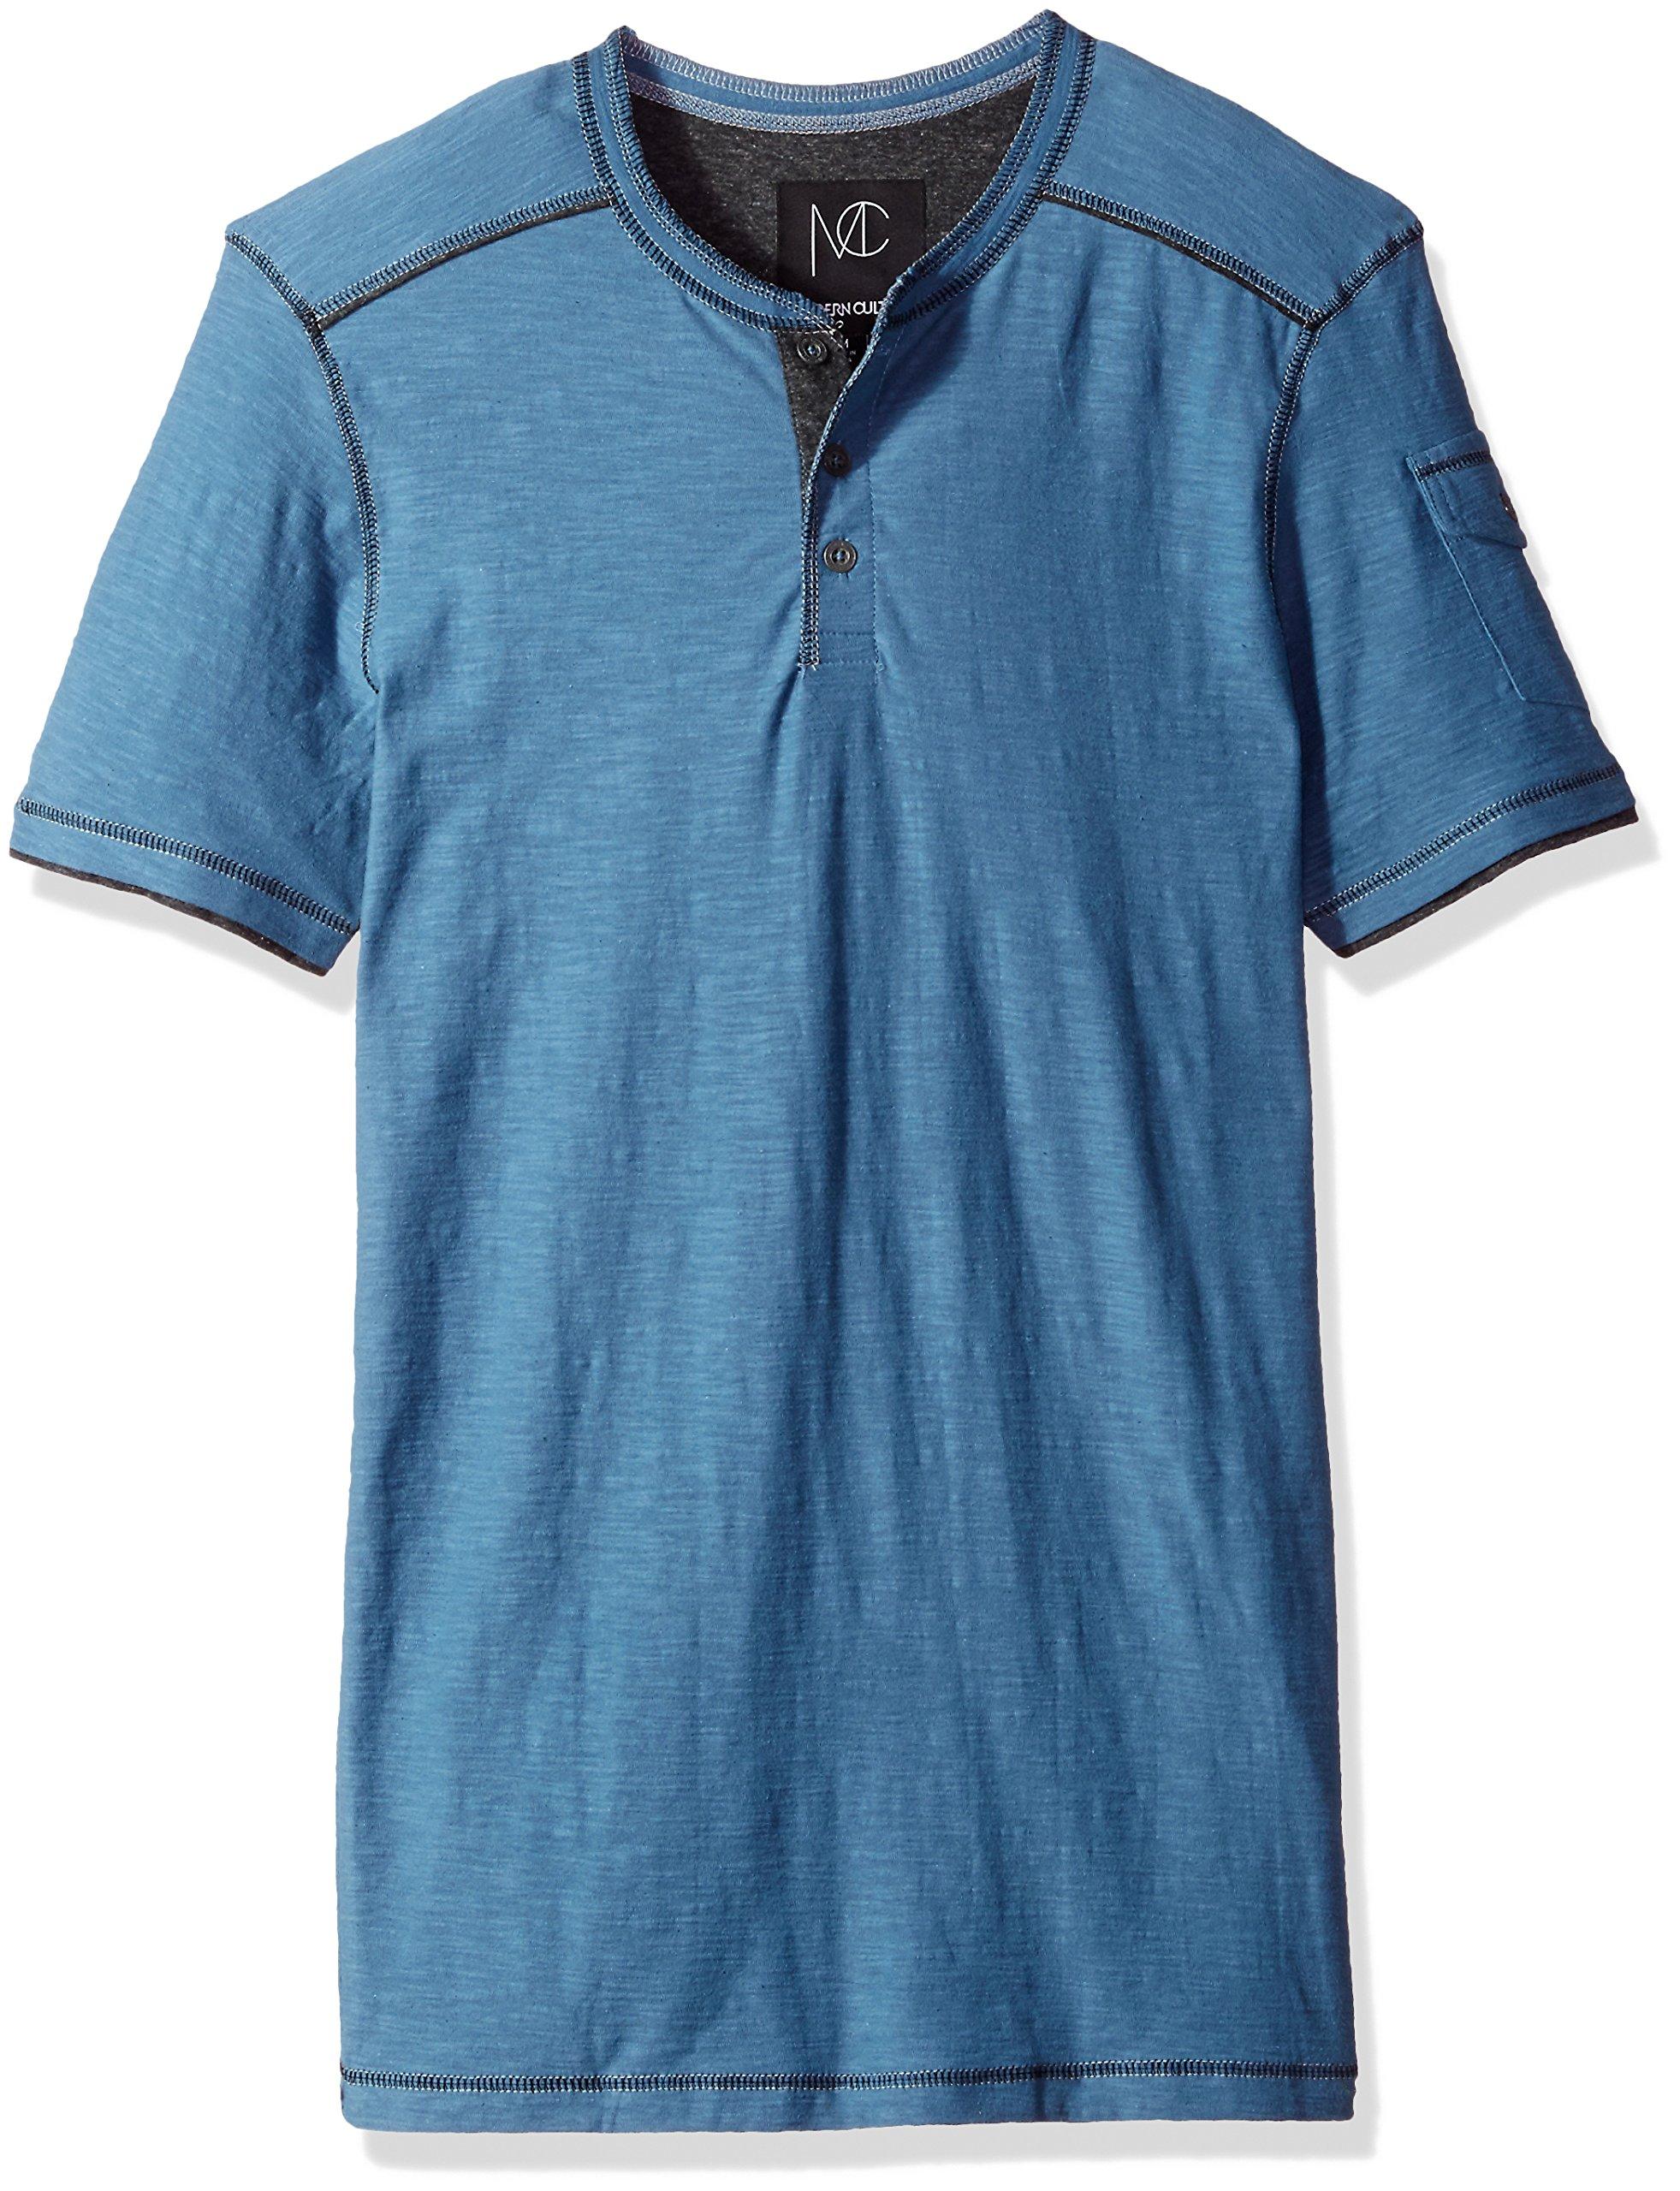 Modern Culture Men's Short Sleeve Henley Shirt, Faded Blue, Small